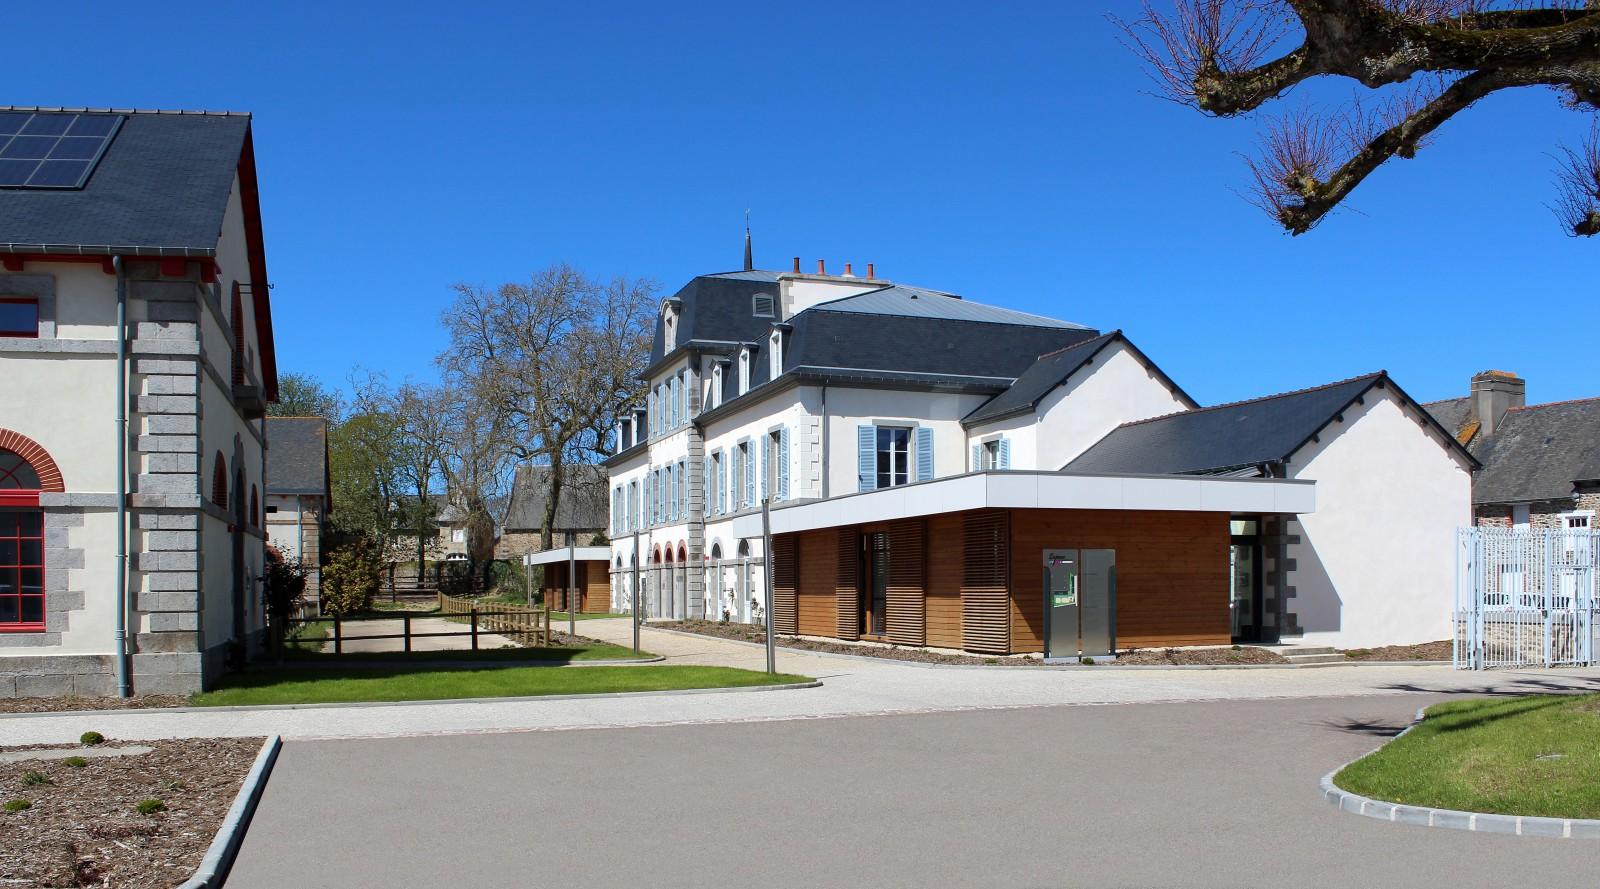 haras-lamballe-reabilitation-communaute-de-commune-exterieur-02